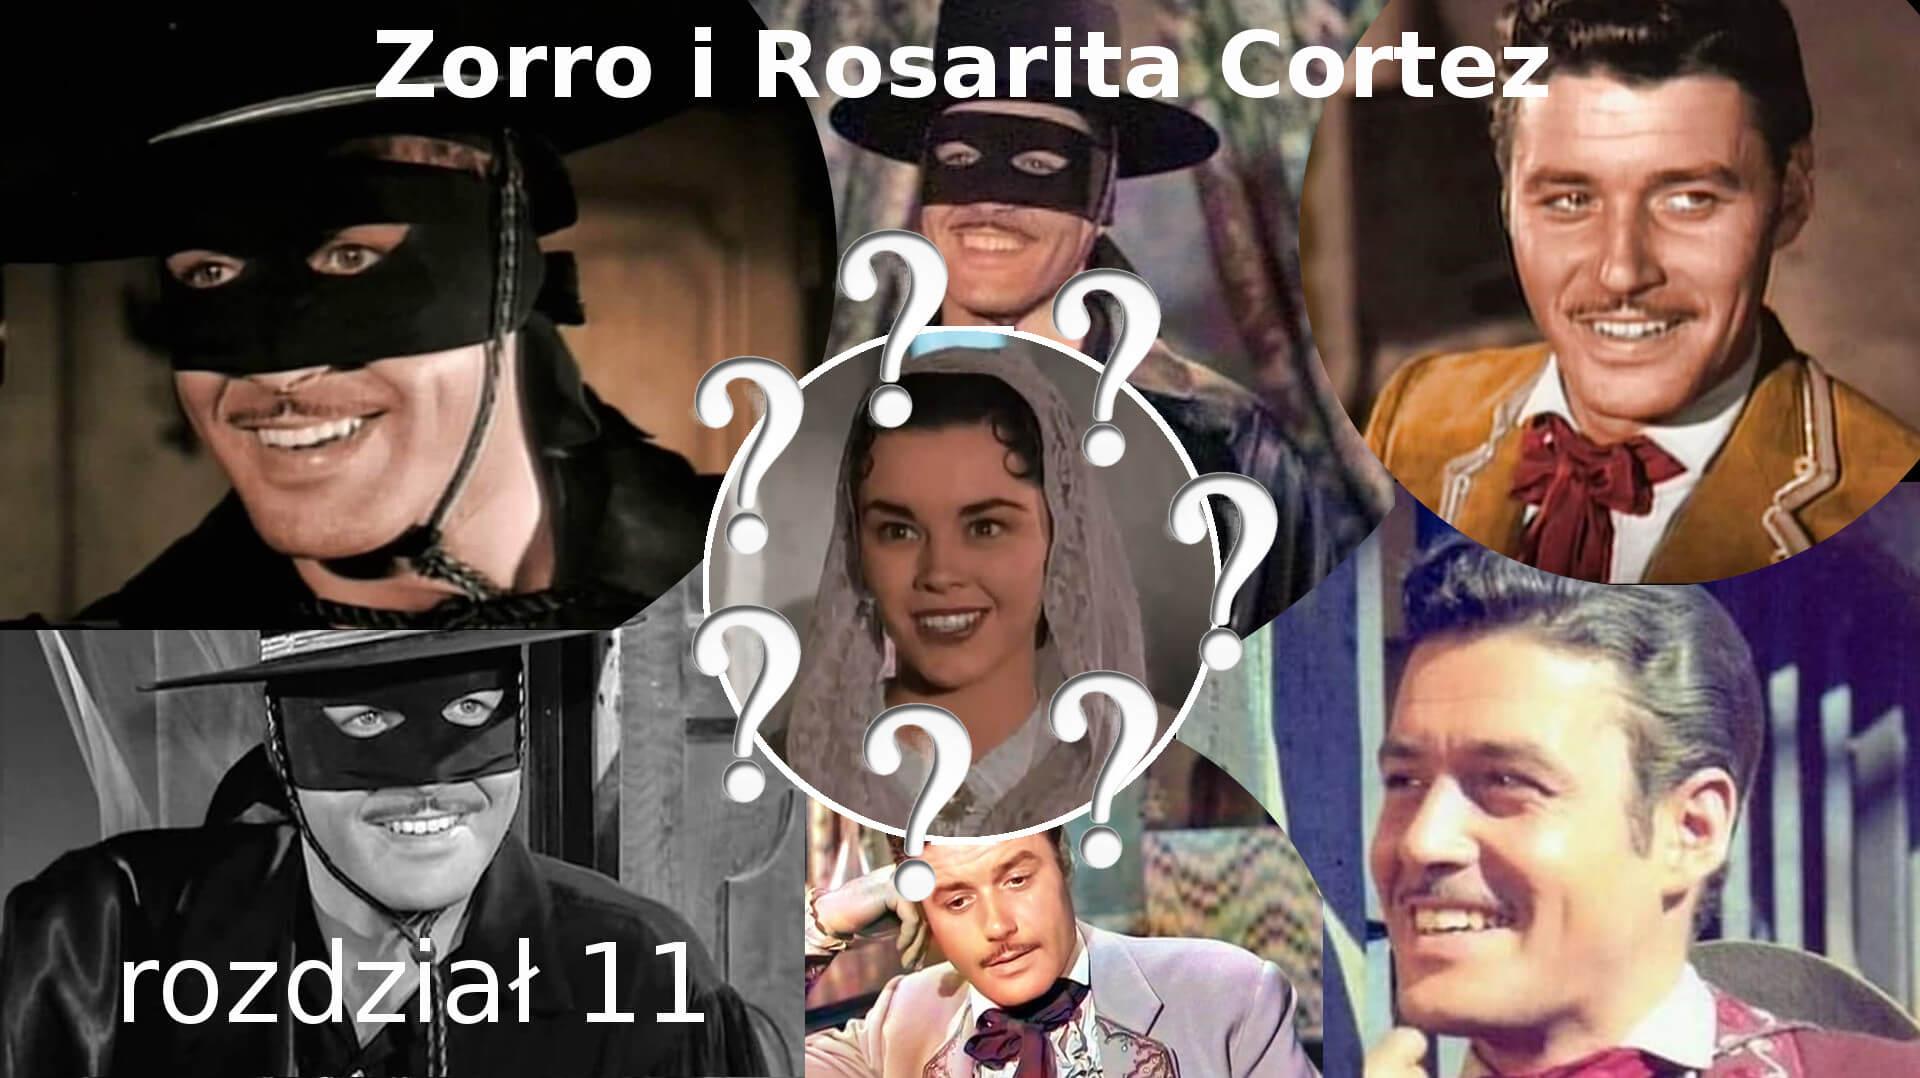 Zorro i Rosarita Cortez rozdział 11 Zorro fanfiction